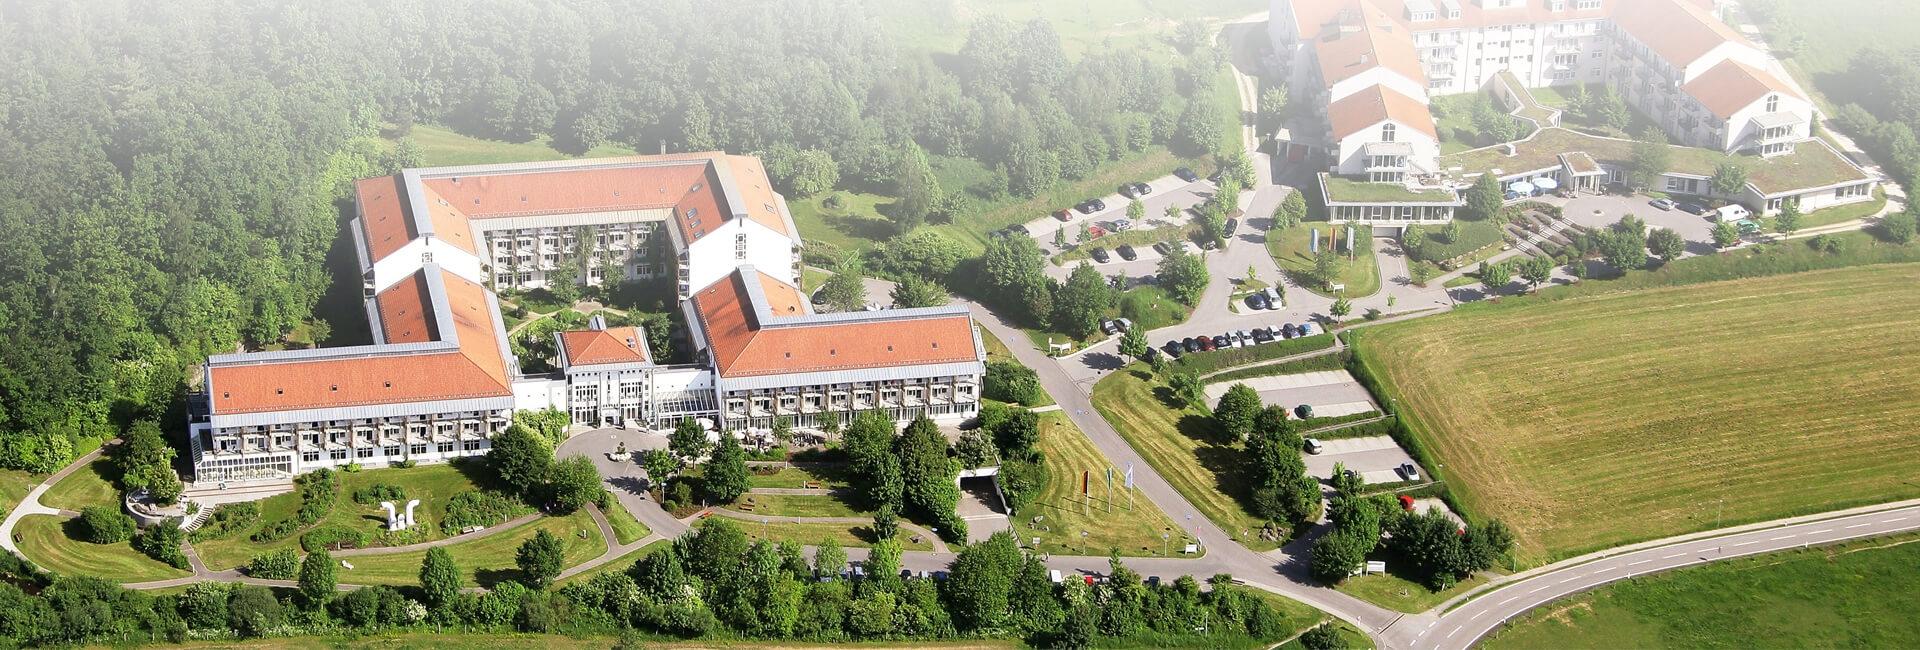 Reha Klinik Bad Kötzting